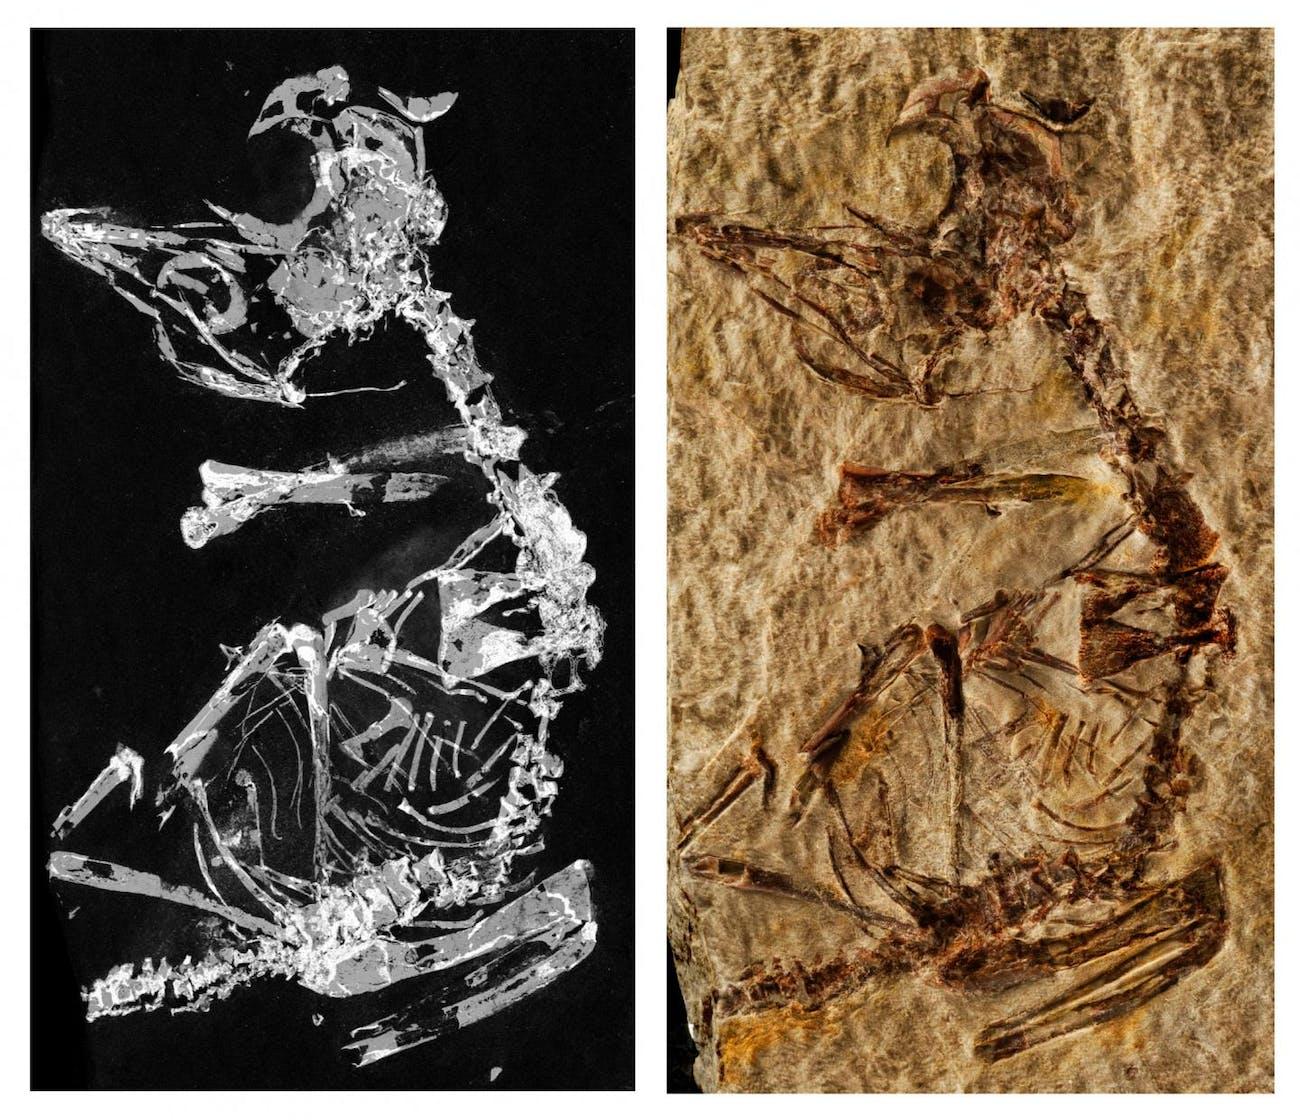 Bird, fossil